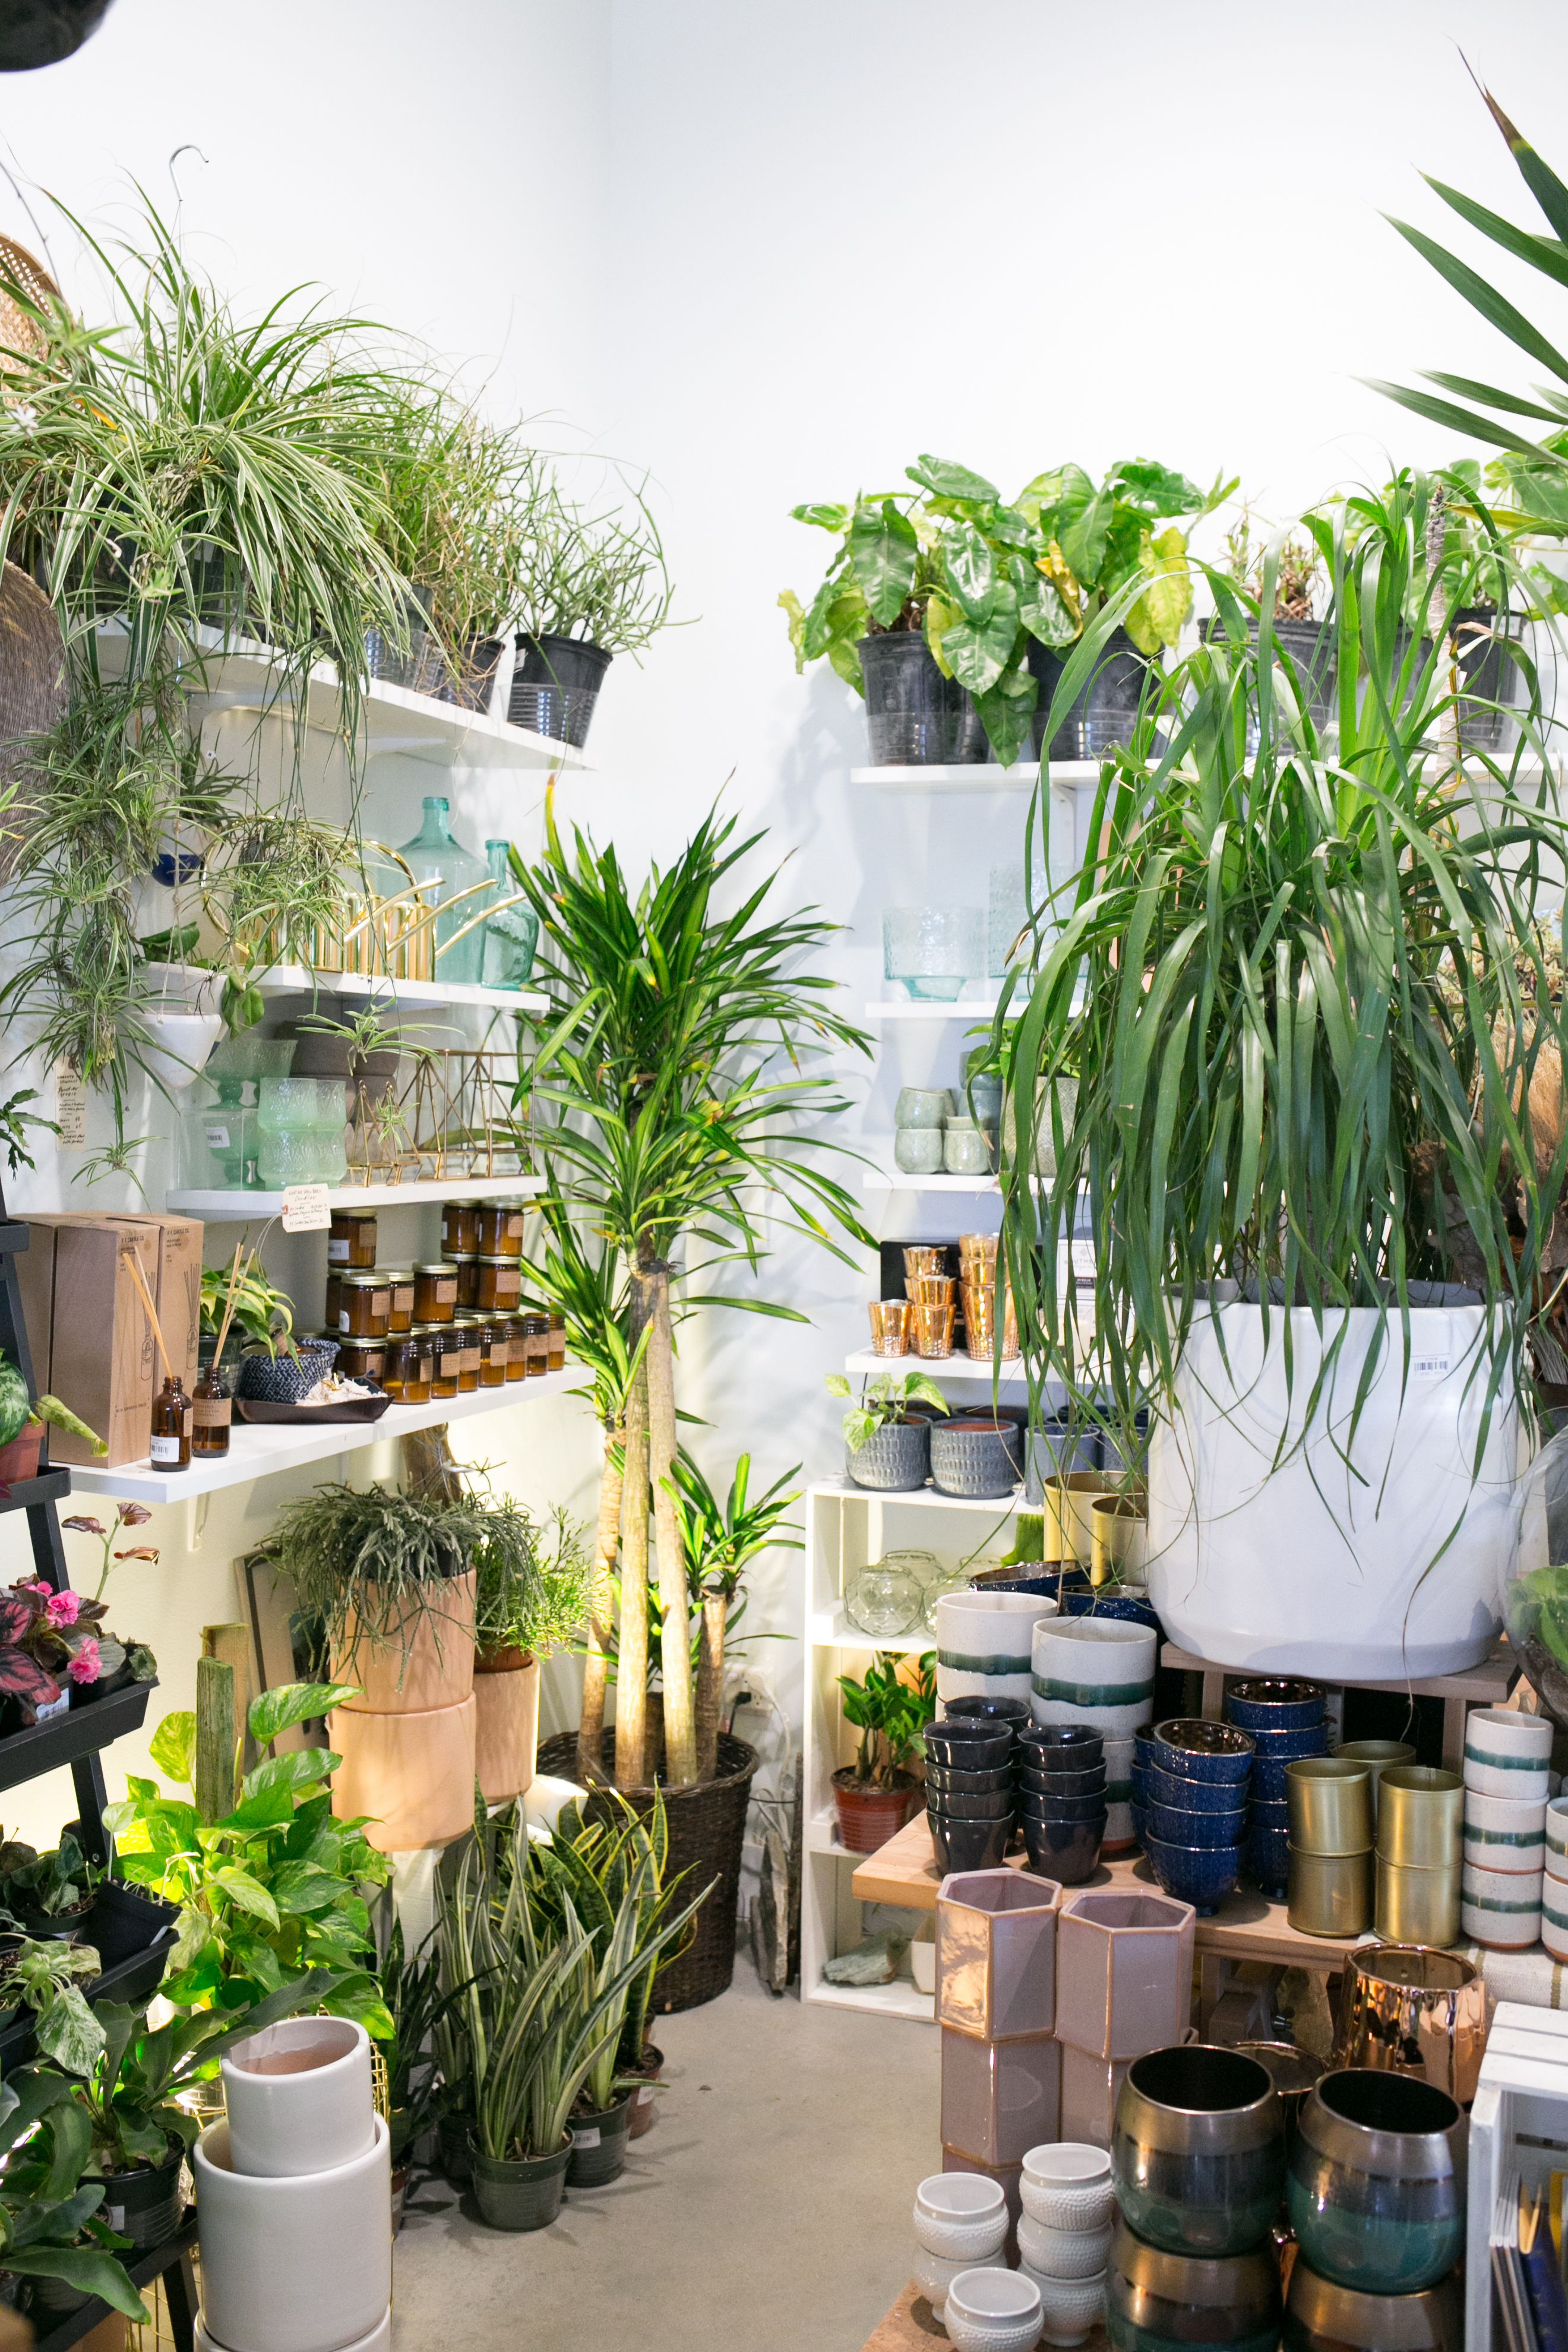 The Zen Succulent Plant Shop Plant Aesthetic Plants Planting